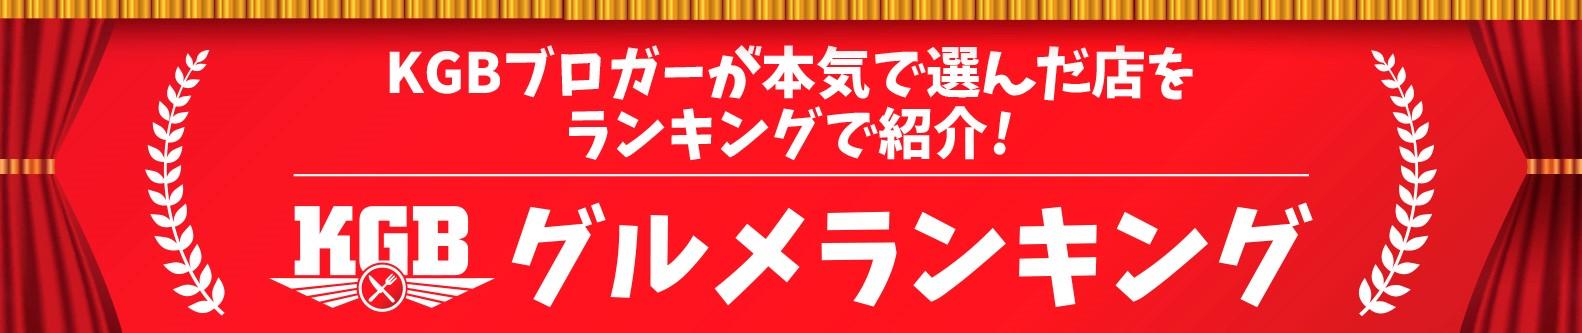 関西グルメブロガーズが本気で選んだ店をランキングで紹介‼<KGBグルメランキング>